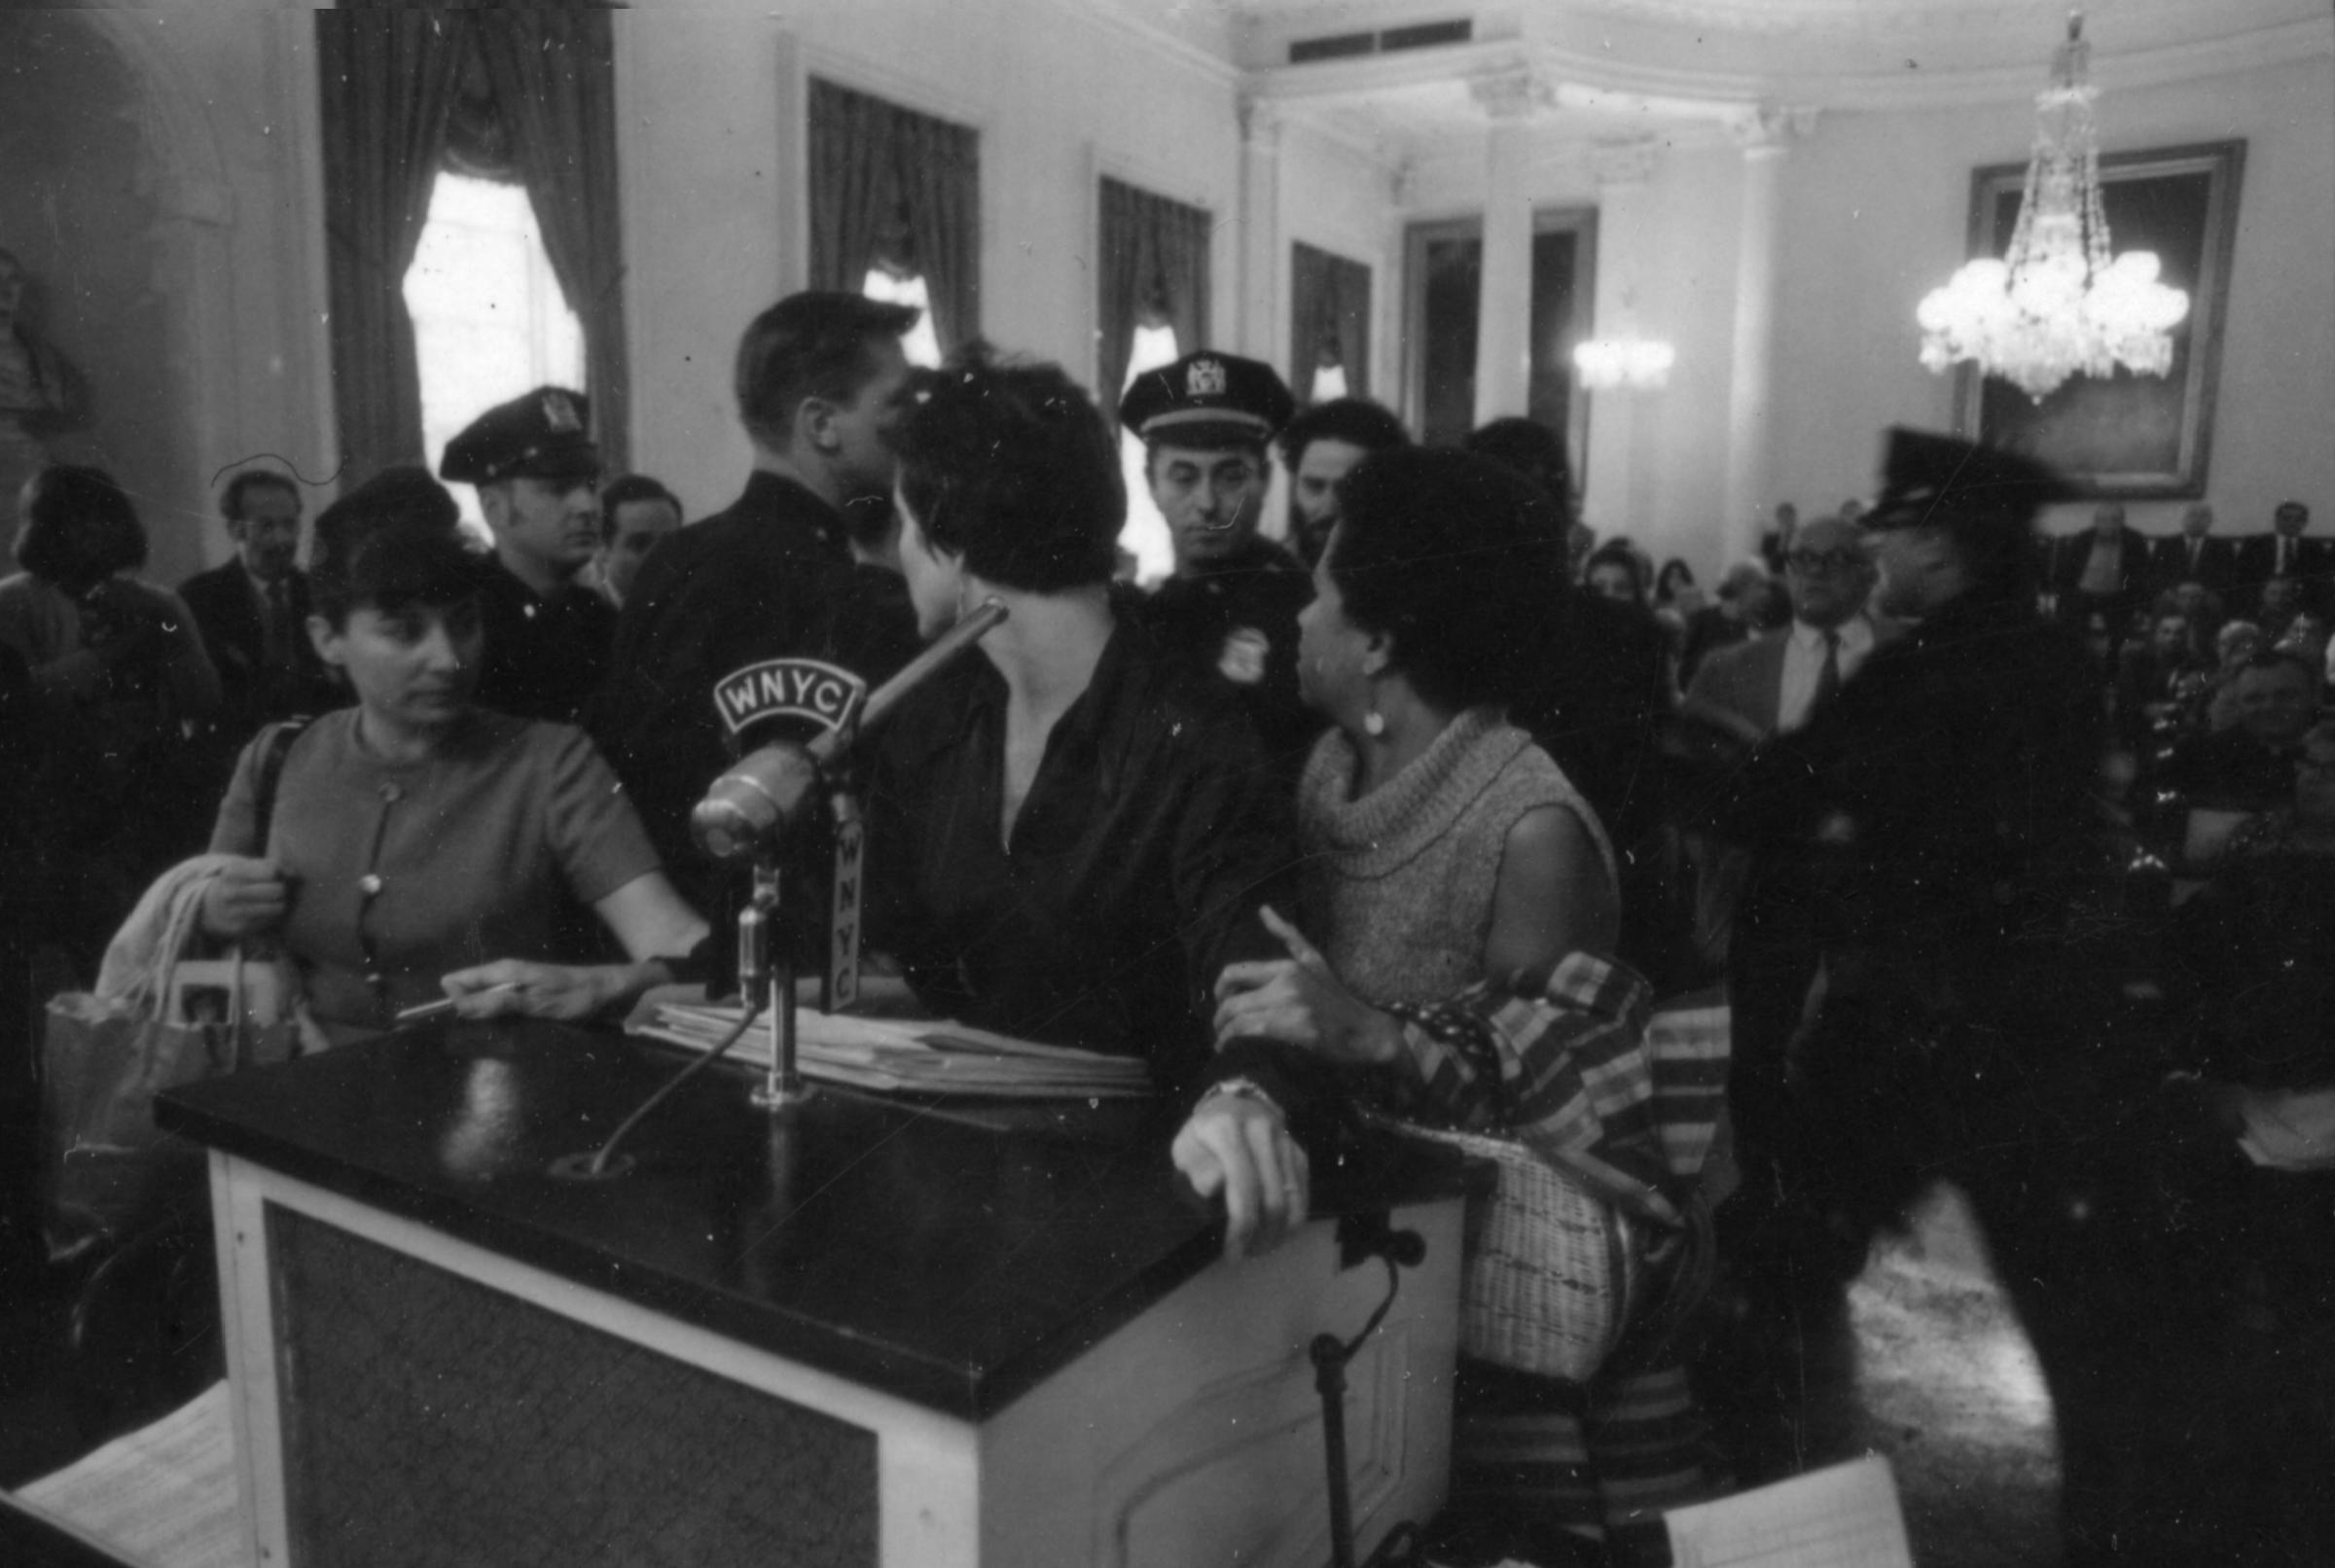 police-at-hearing-1960s-fg